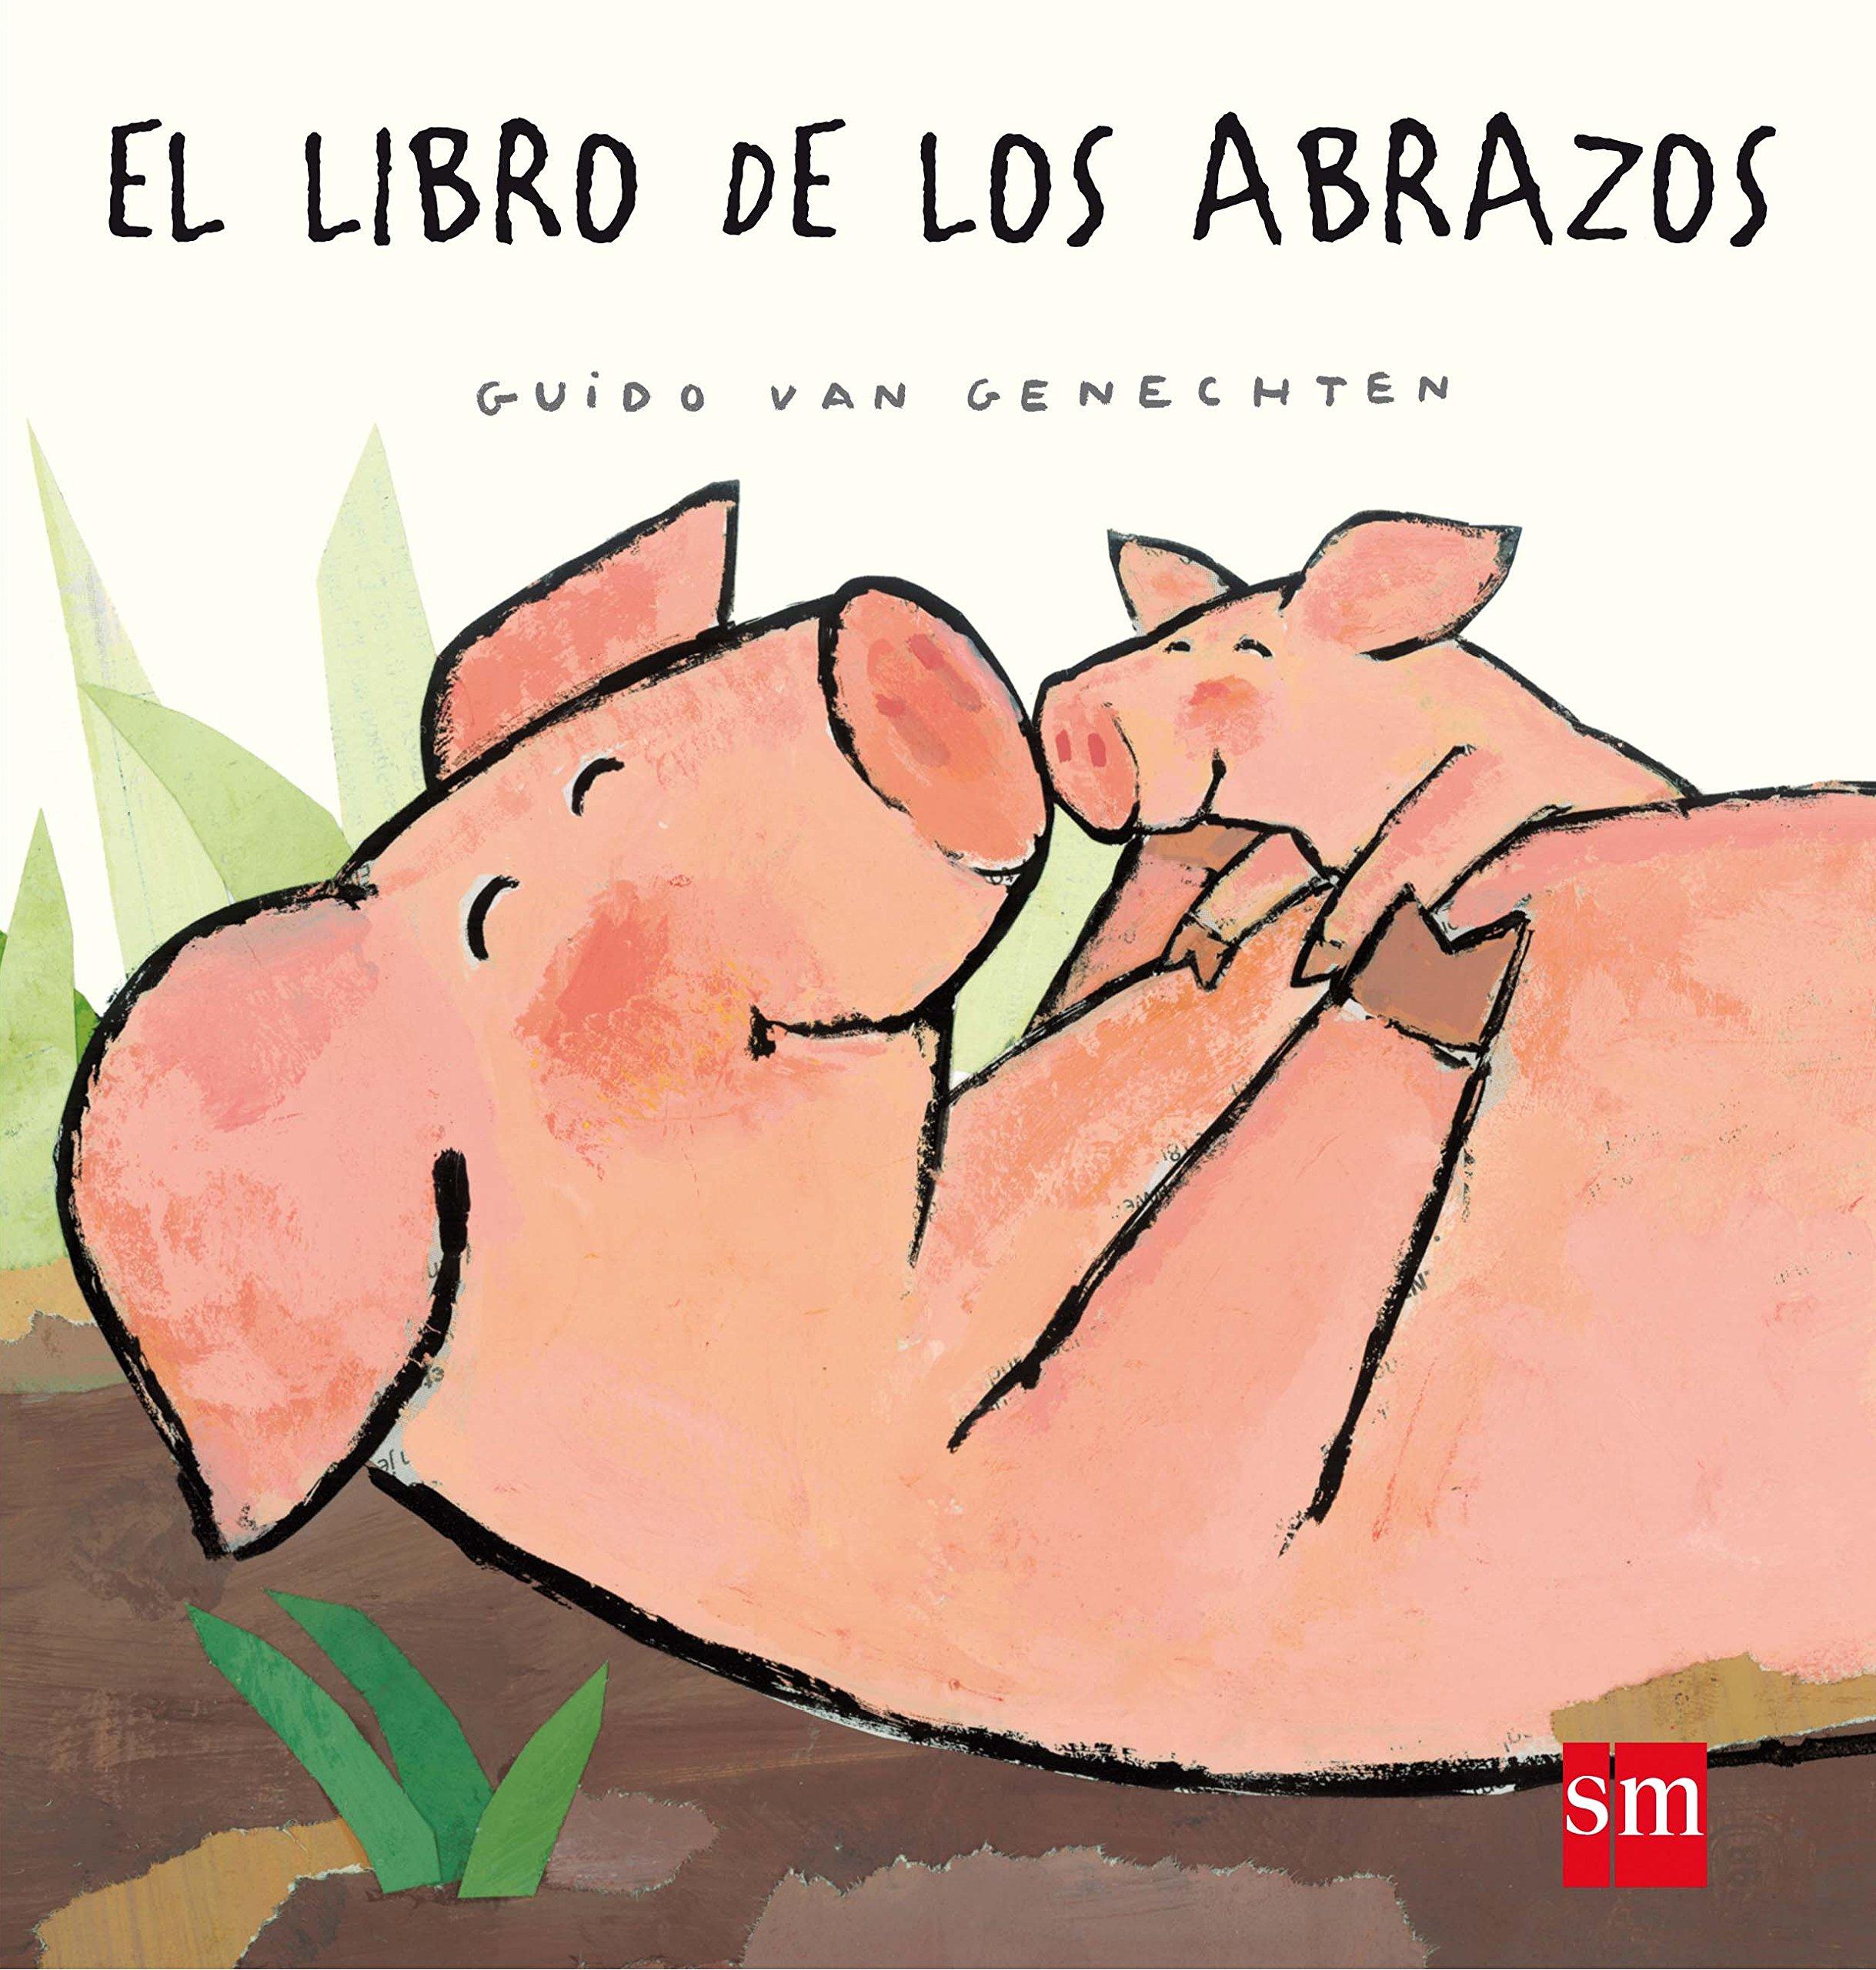 El libro de los abrazos (Libros de cartón): Amazon.es: van Genechten,  Guido, van Genechten, Guido: Libros